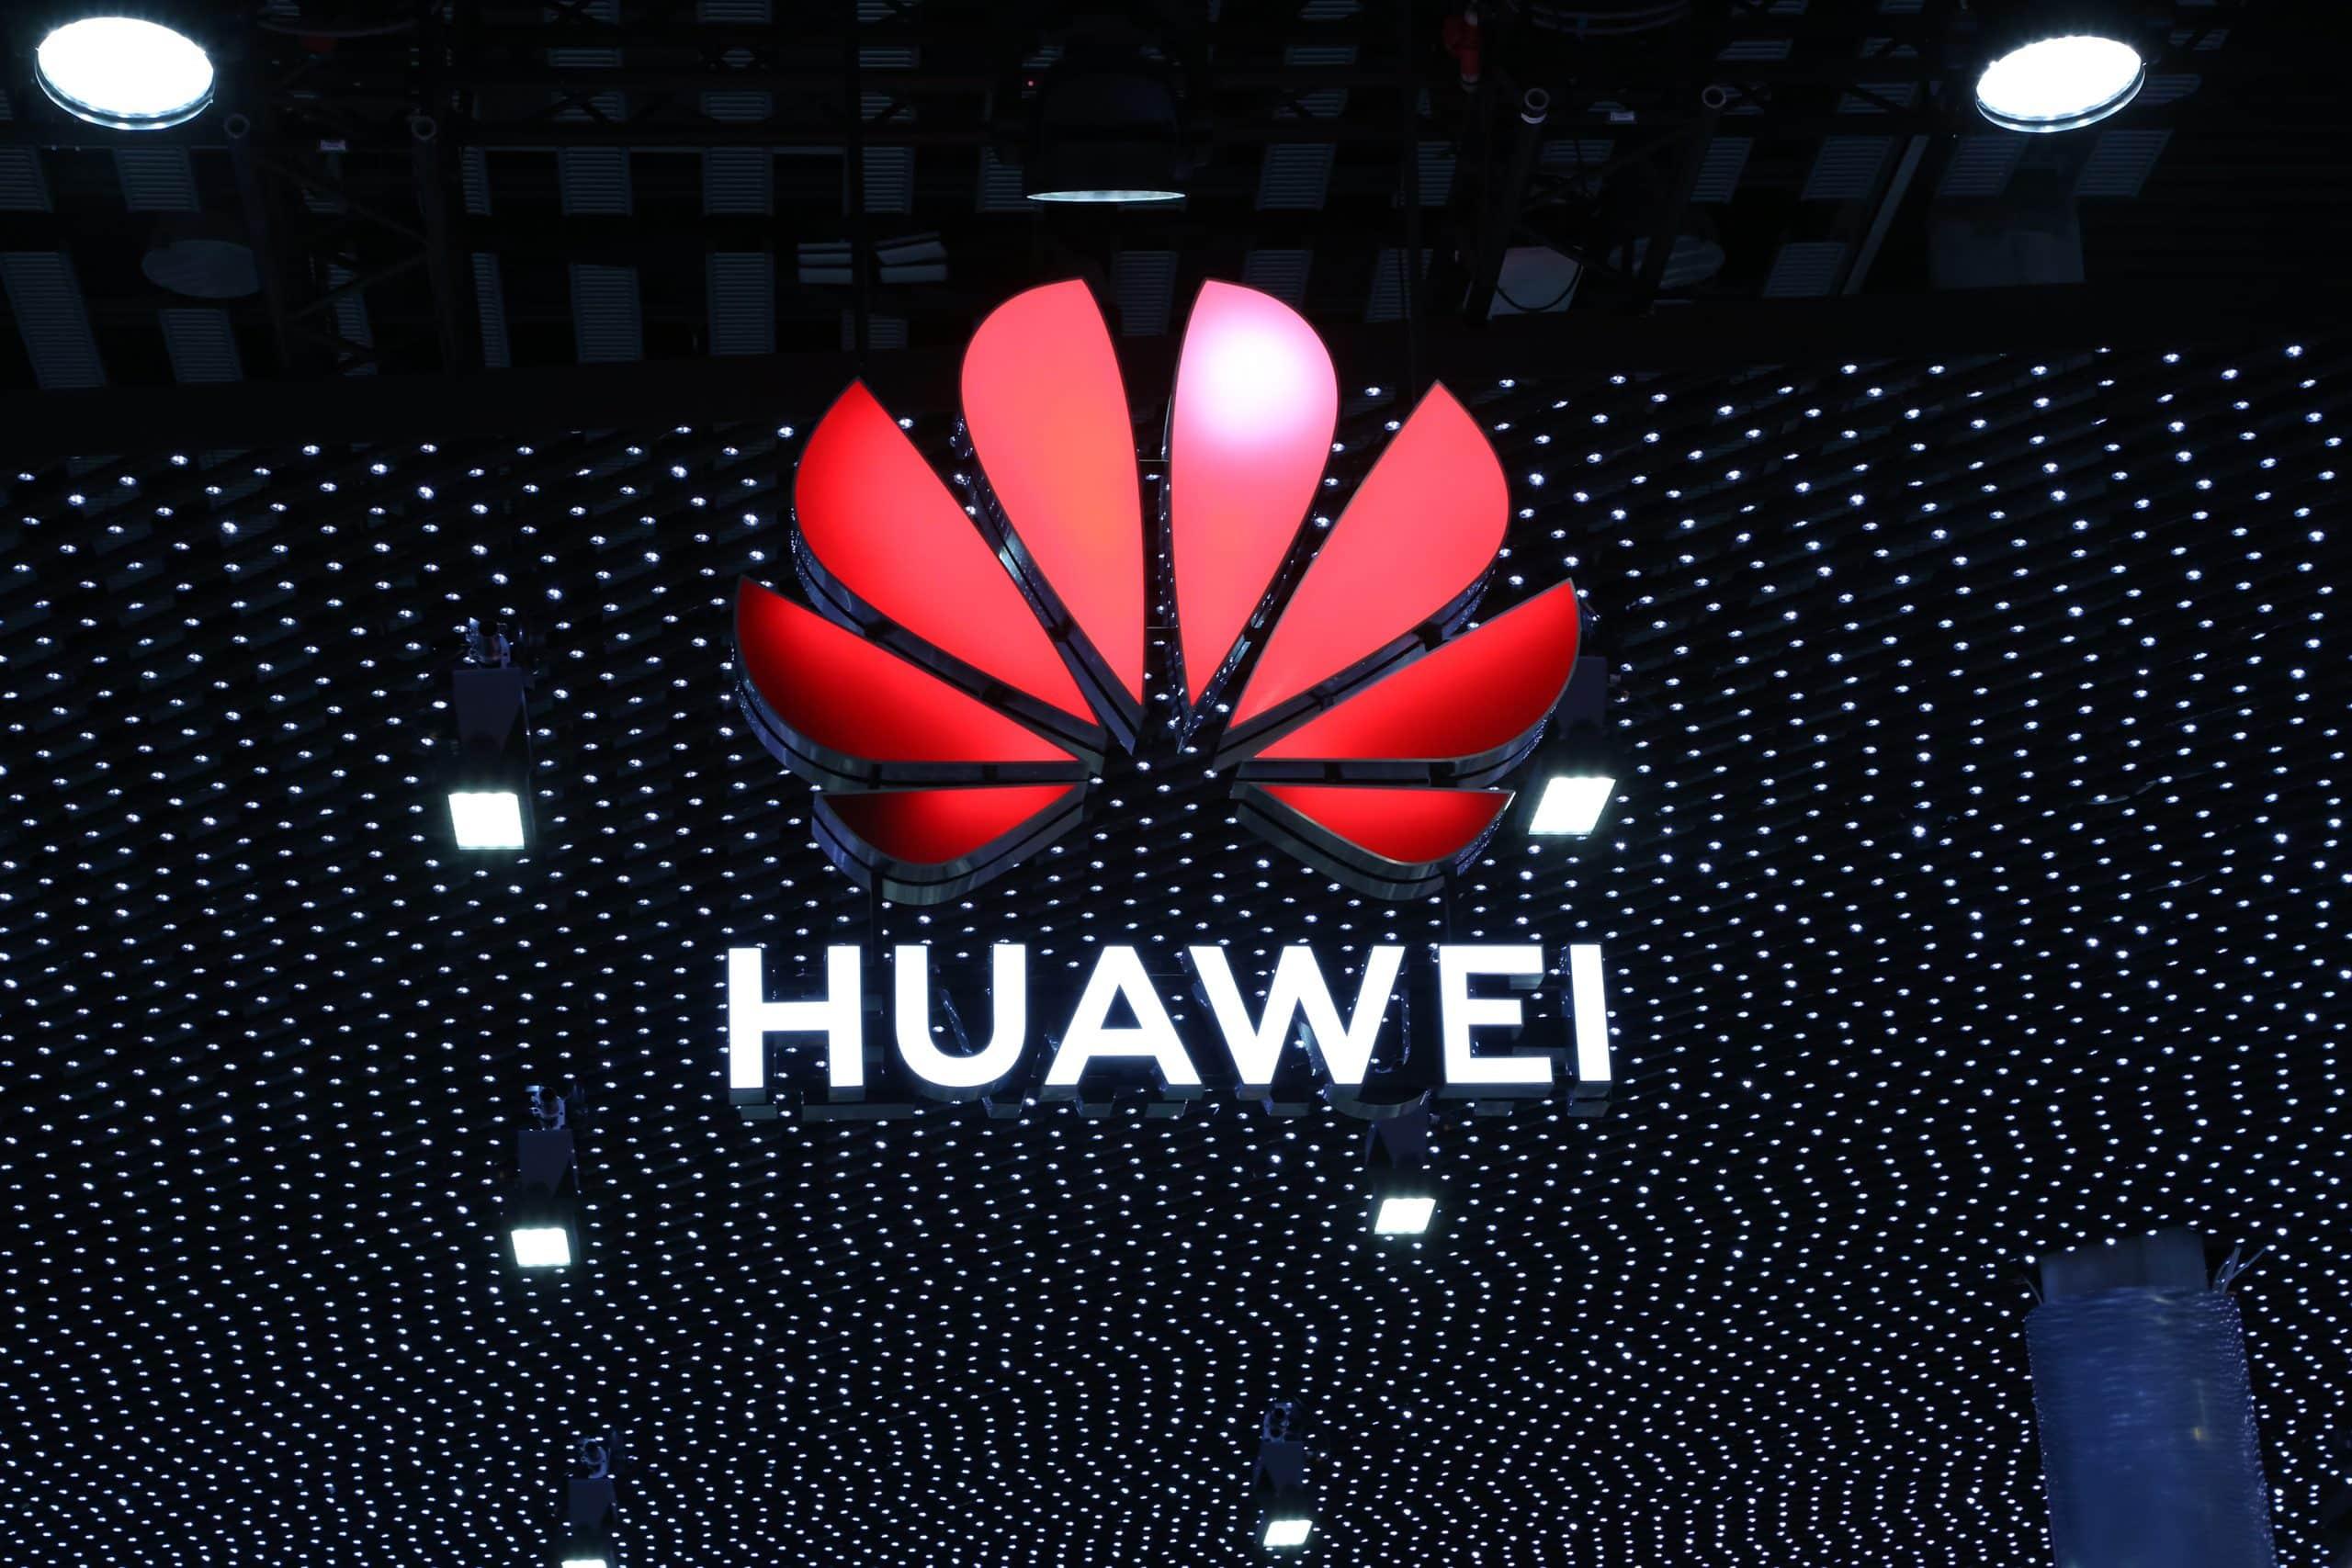 La directrice financière de Huawei Meng Wanzhou a négocié un accord avec les États-Unis